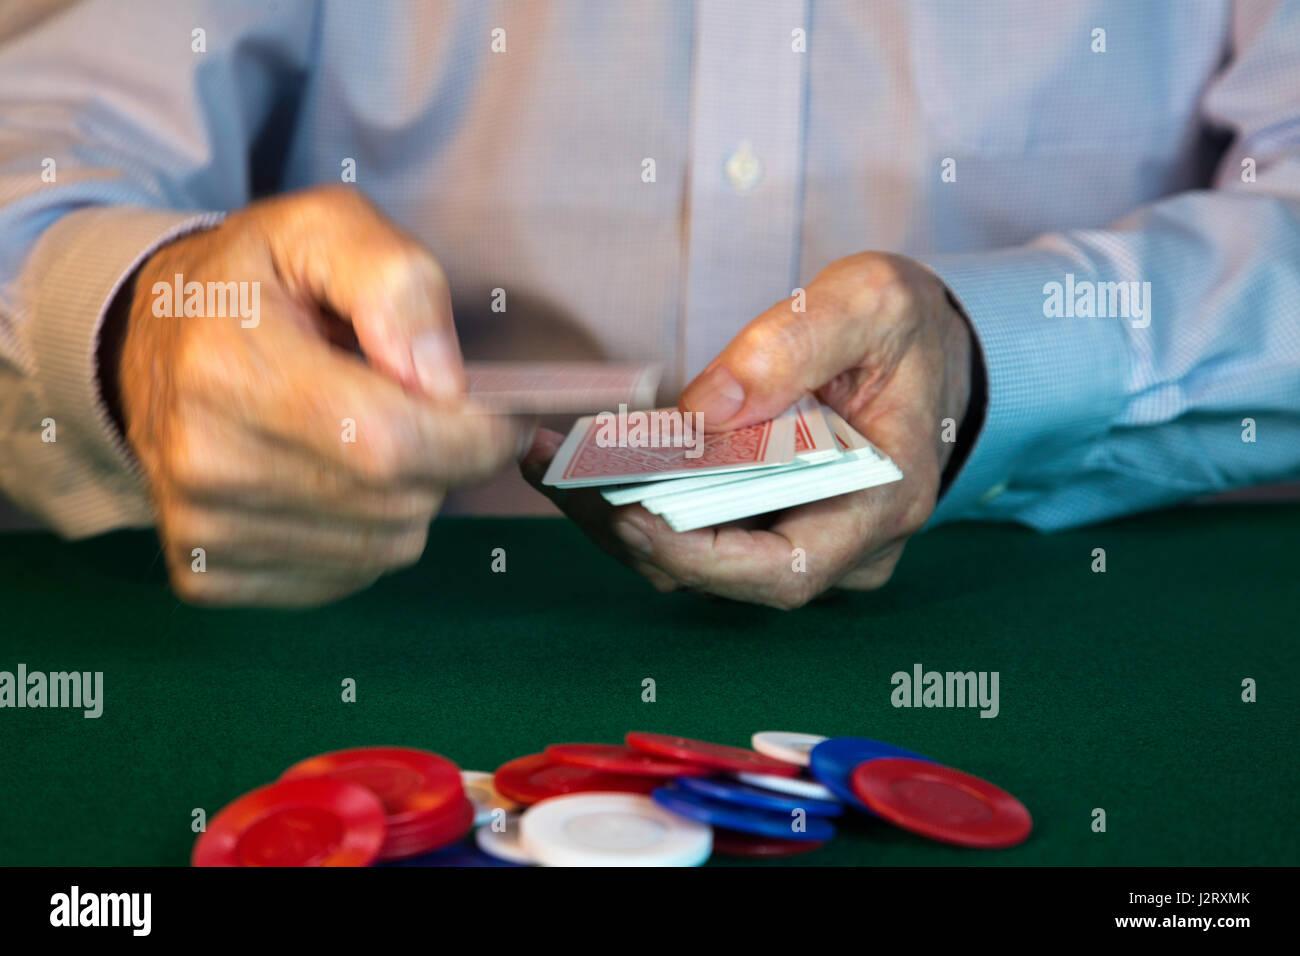 Man Dealing Cards at Poker Game - Stock Image